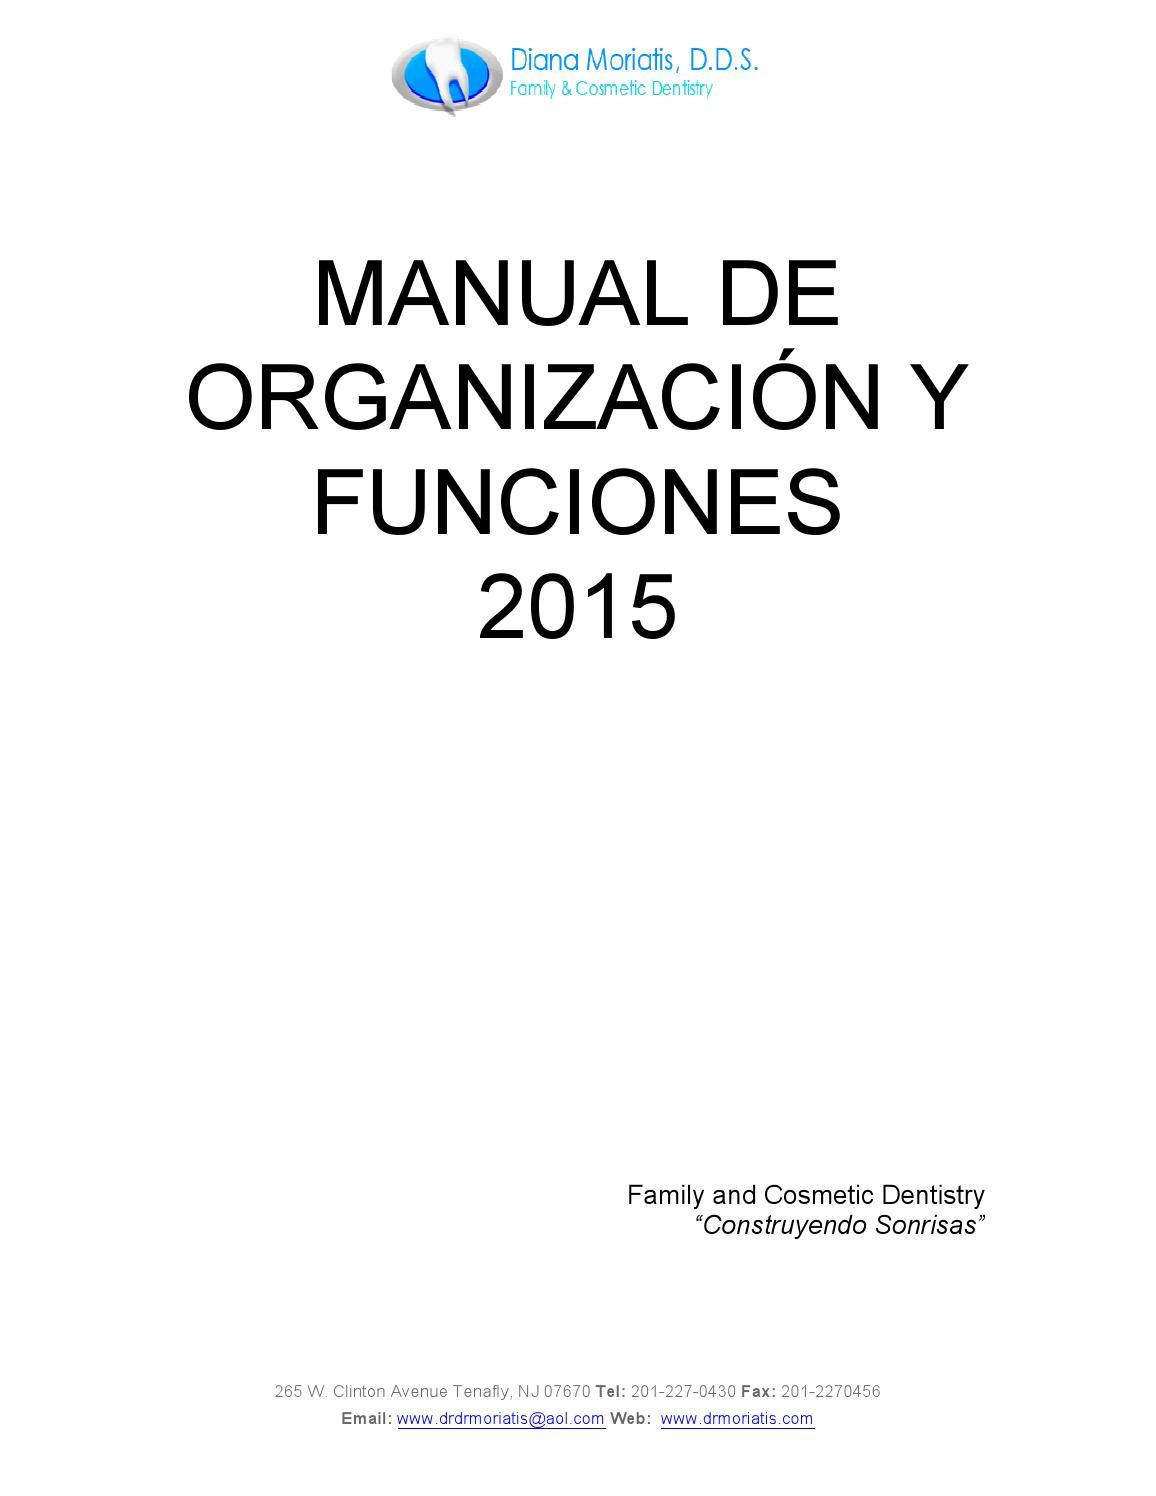 Manual de organizacion y funciones moriatis 2015 by